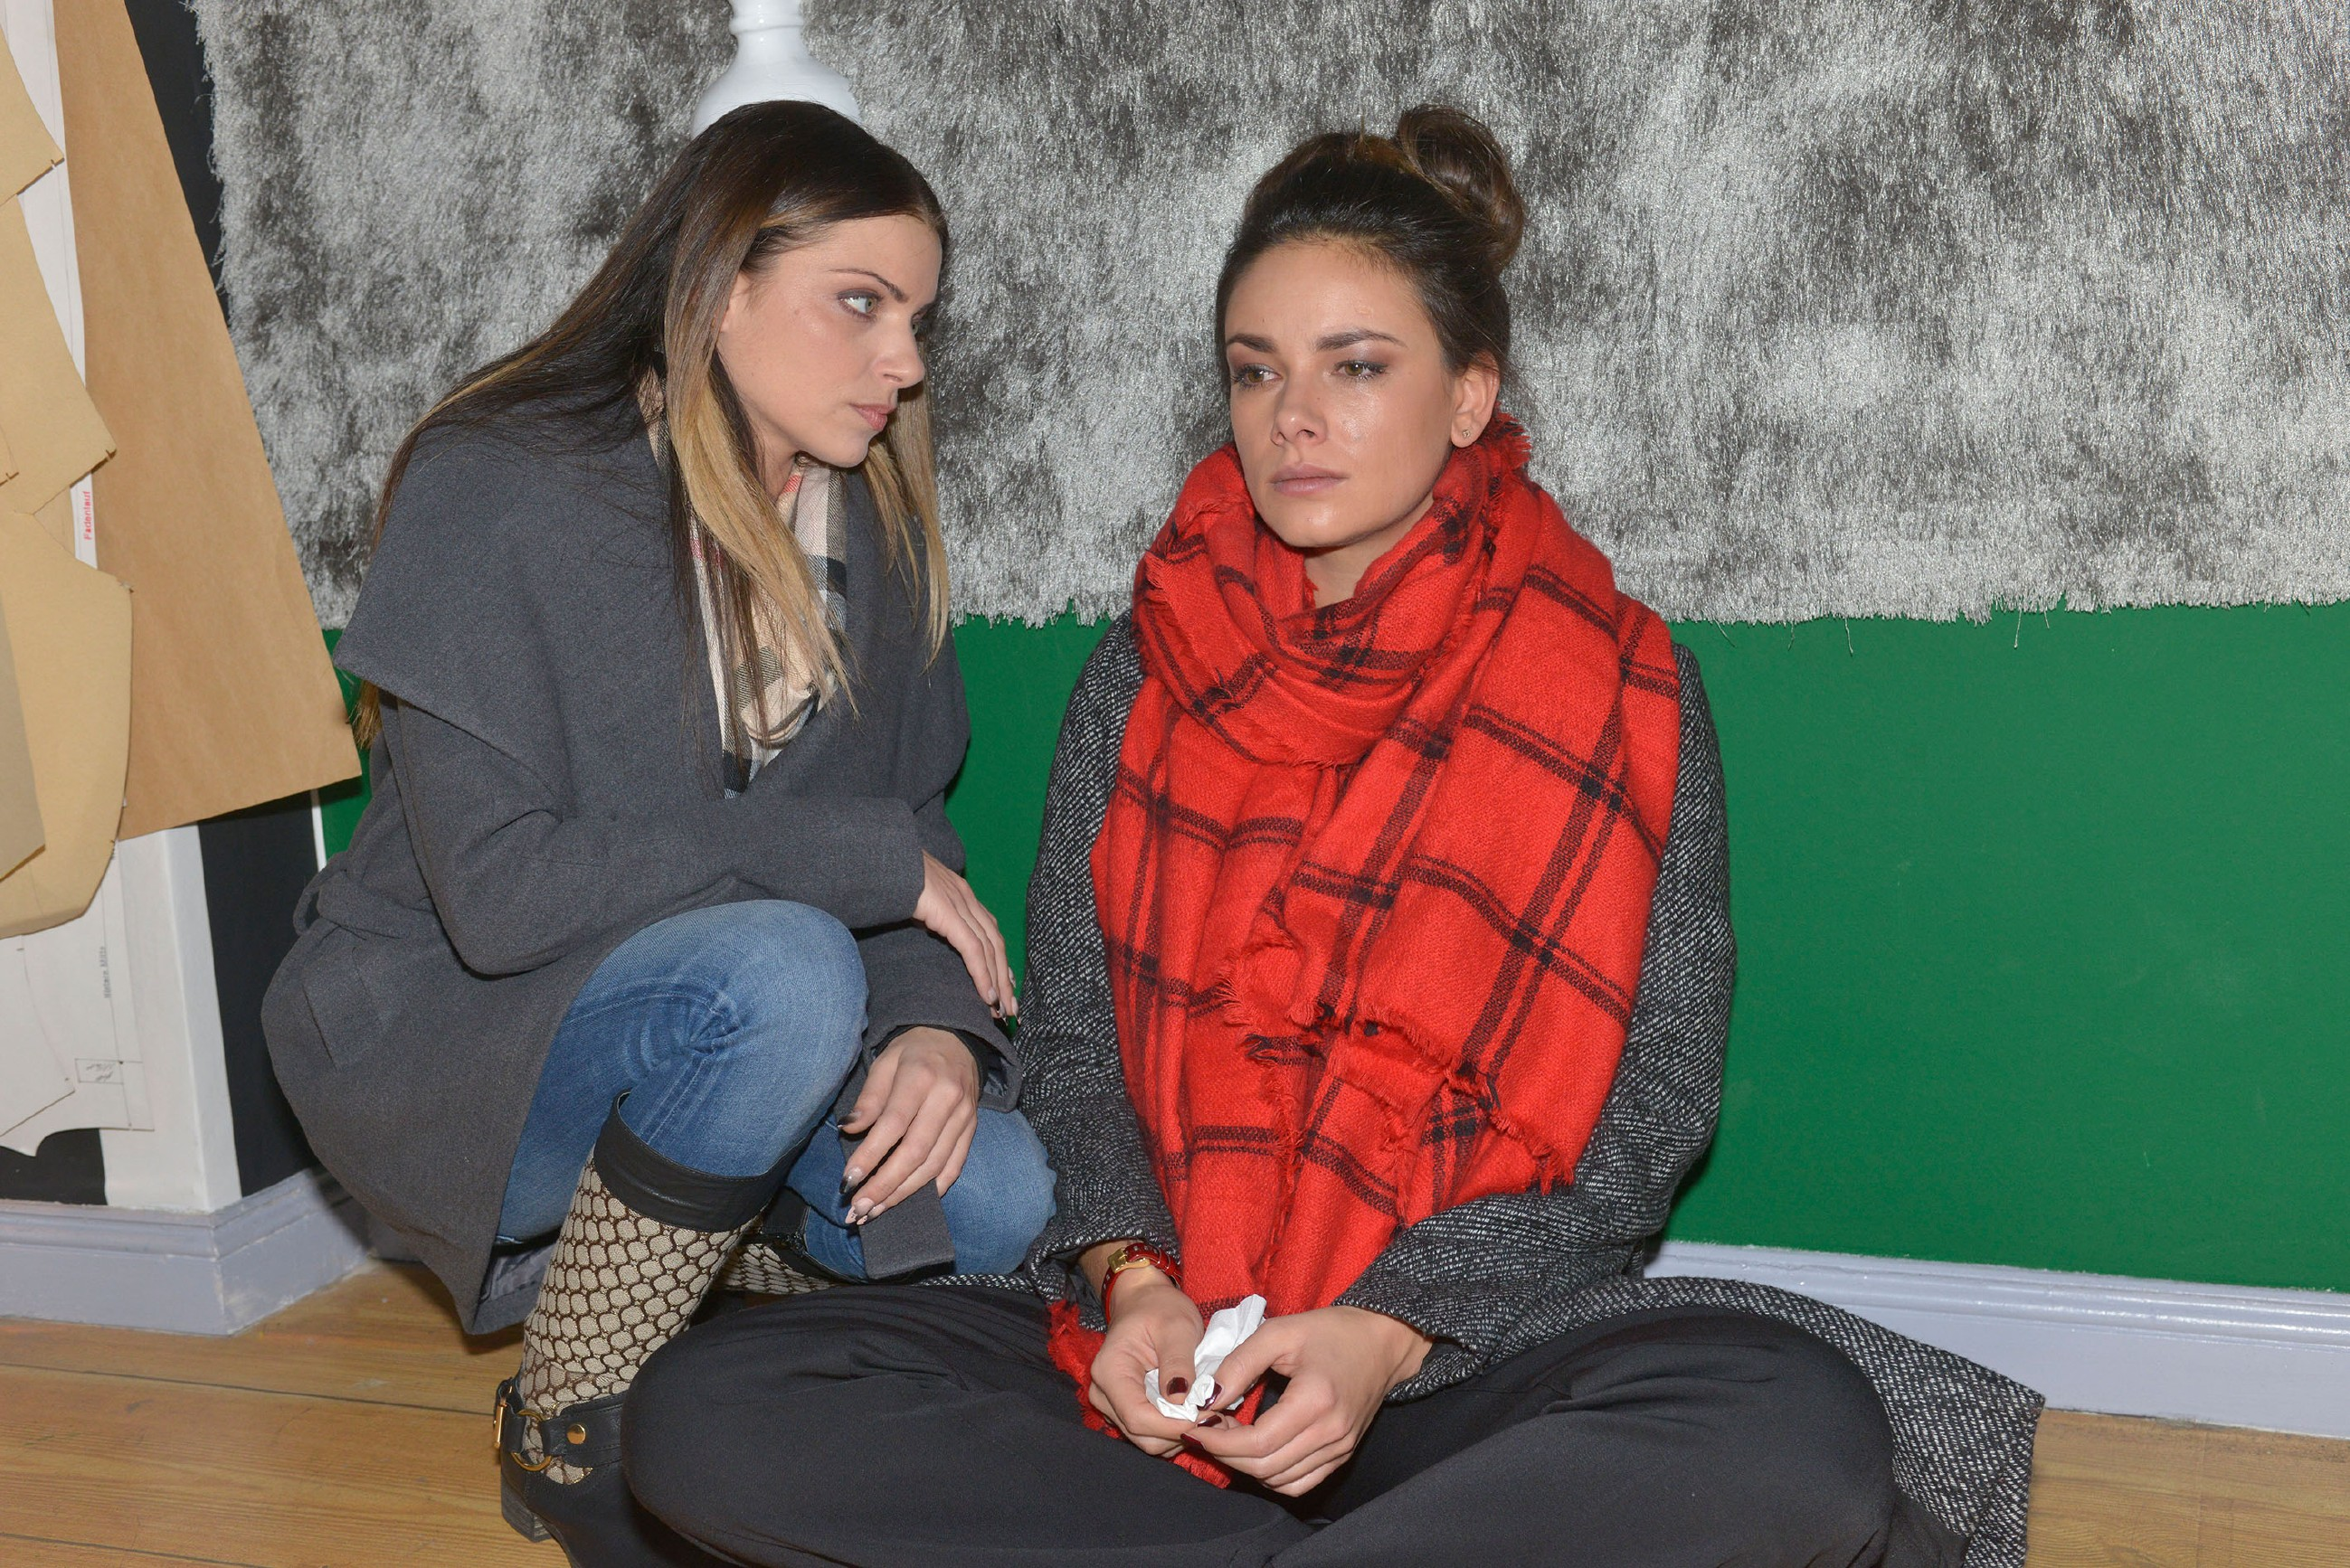 Als Jasmin (Janina Uhse, r.) angesichts der Information, dass Frederic sich das Leben genommen haben soll, zusammenbricht, wird sie von Emily (Anne Menden) aufgefangen. (Quelle: RTL / Rolf Baumgartner)